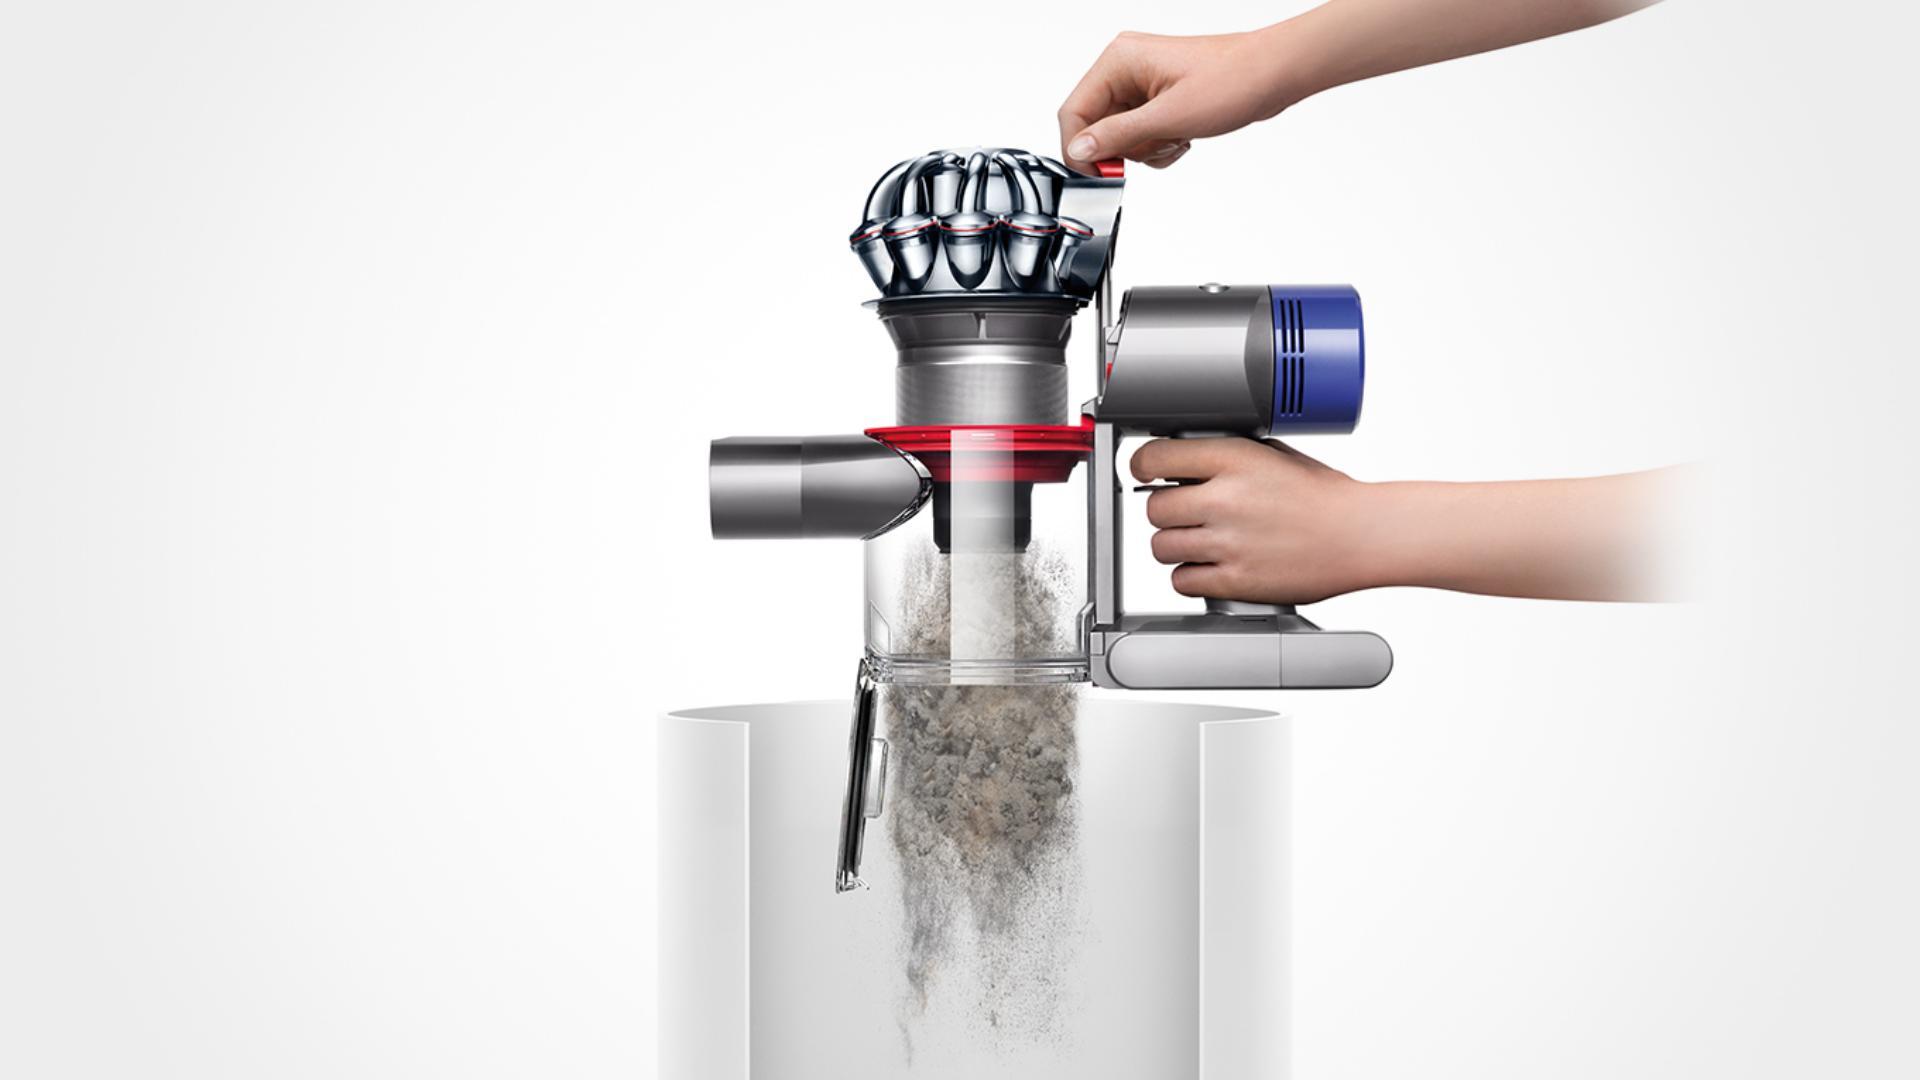 A Dyson V8 egyszerű kiürítése a szemetesbe